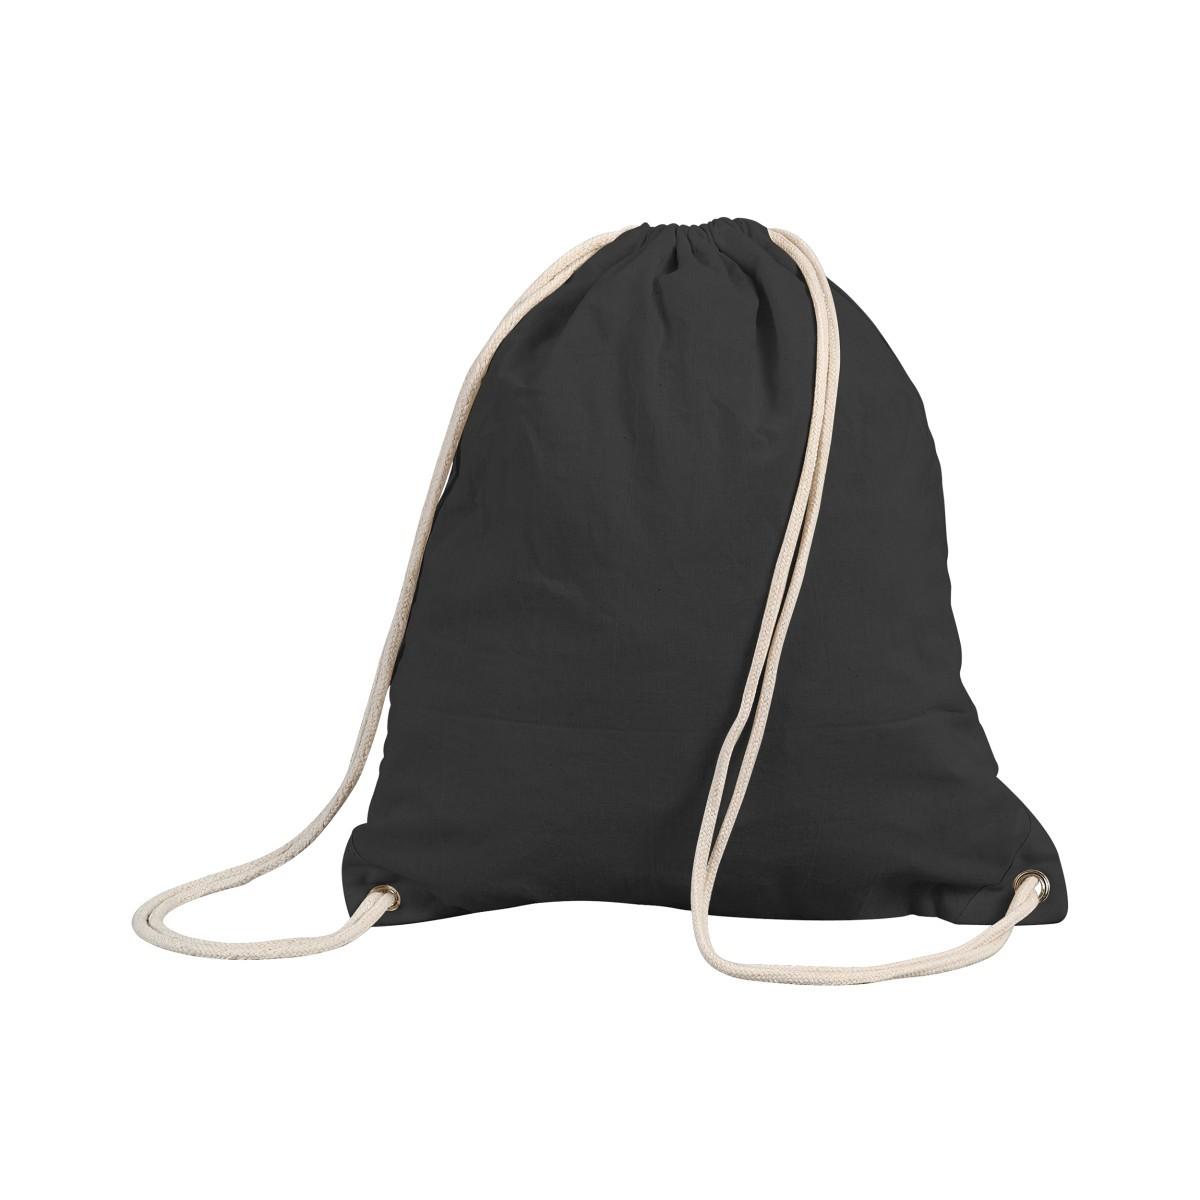 Shugon Stafford Cotton Drawstring Bag